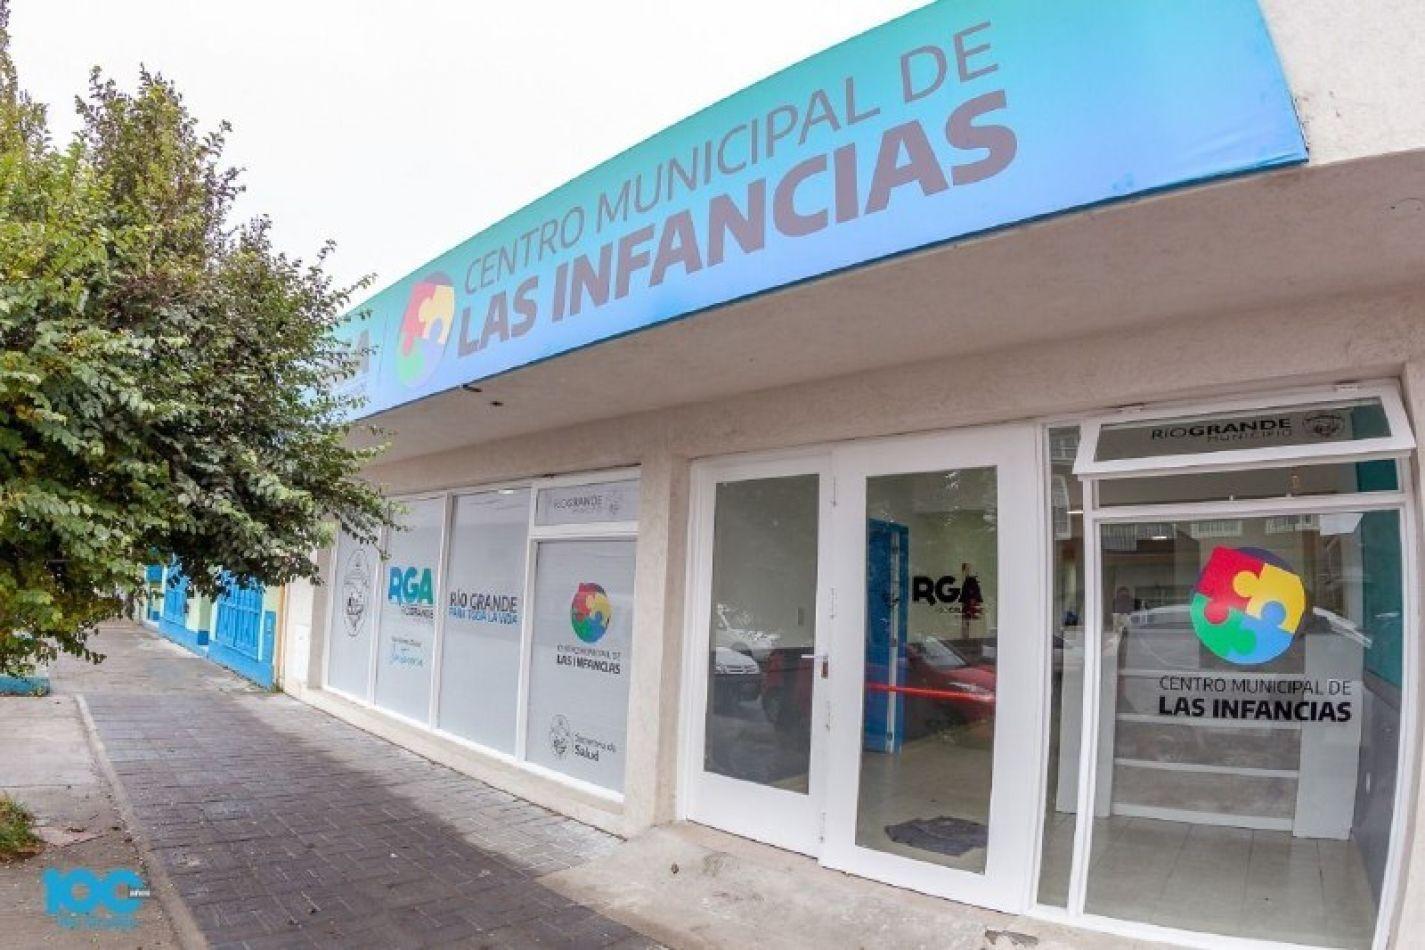 Centro Municipal de las Infancias de la ciudad de Río Grande.